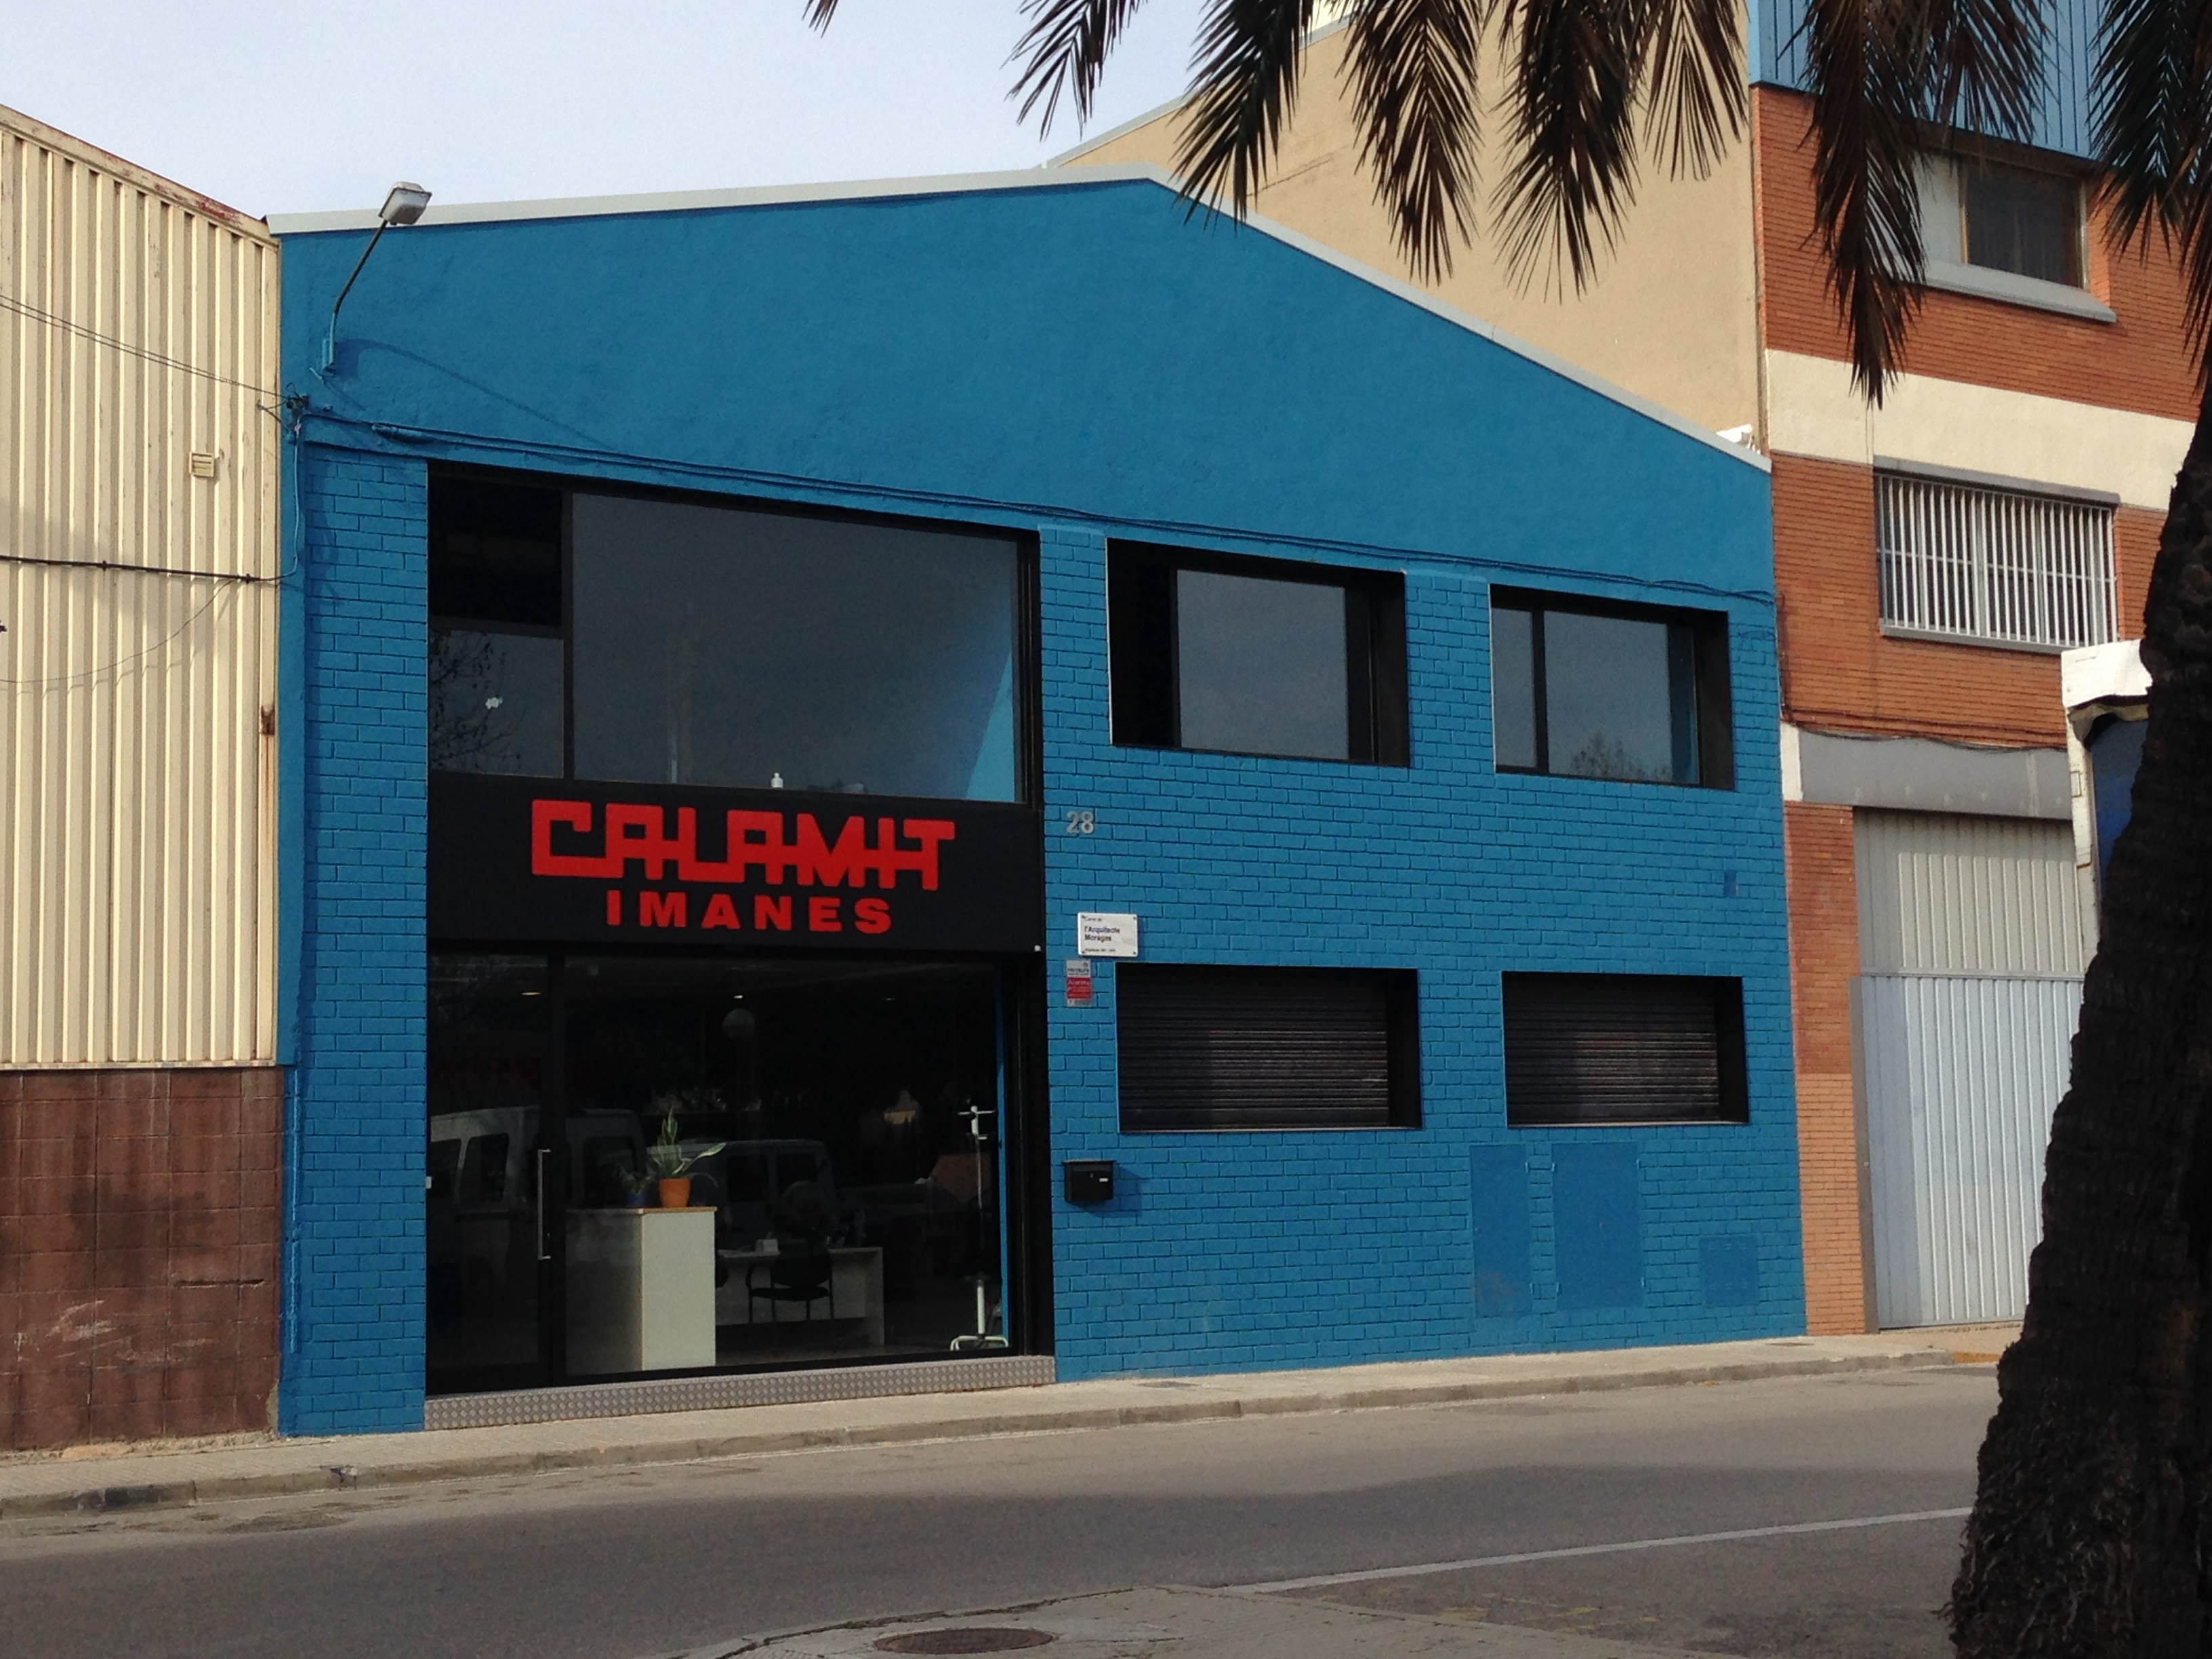 Bureaux de Calamit Espagne à Barcelone